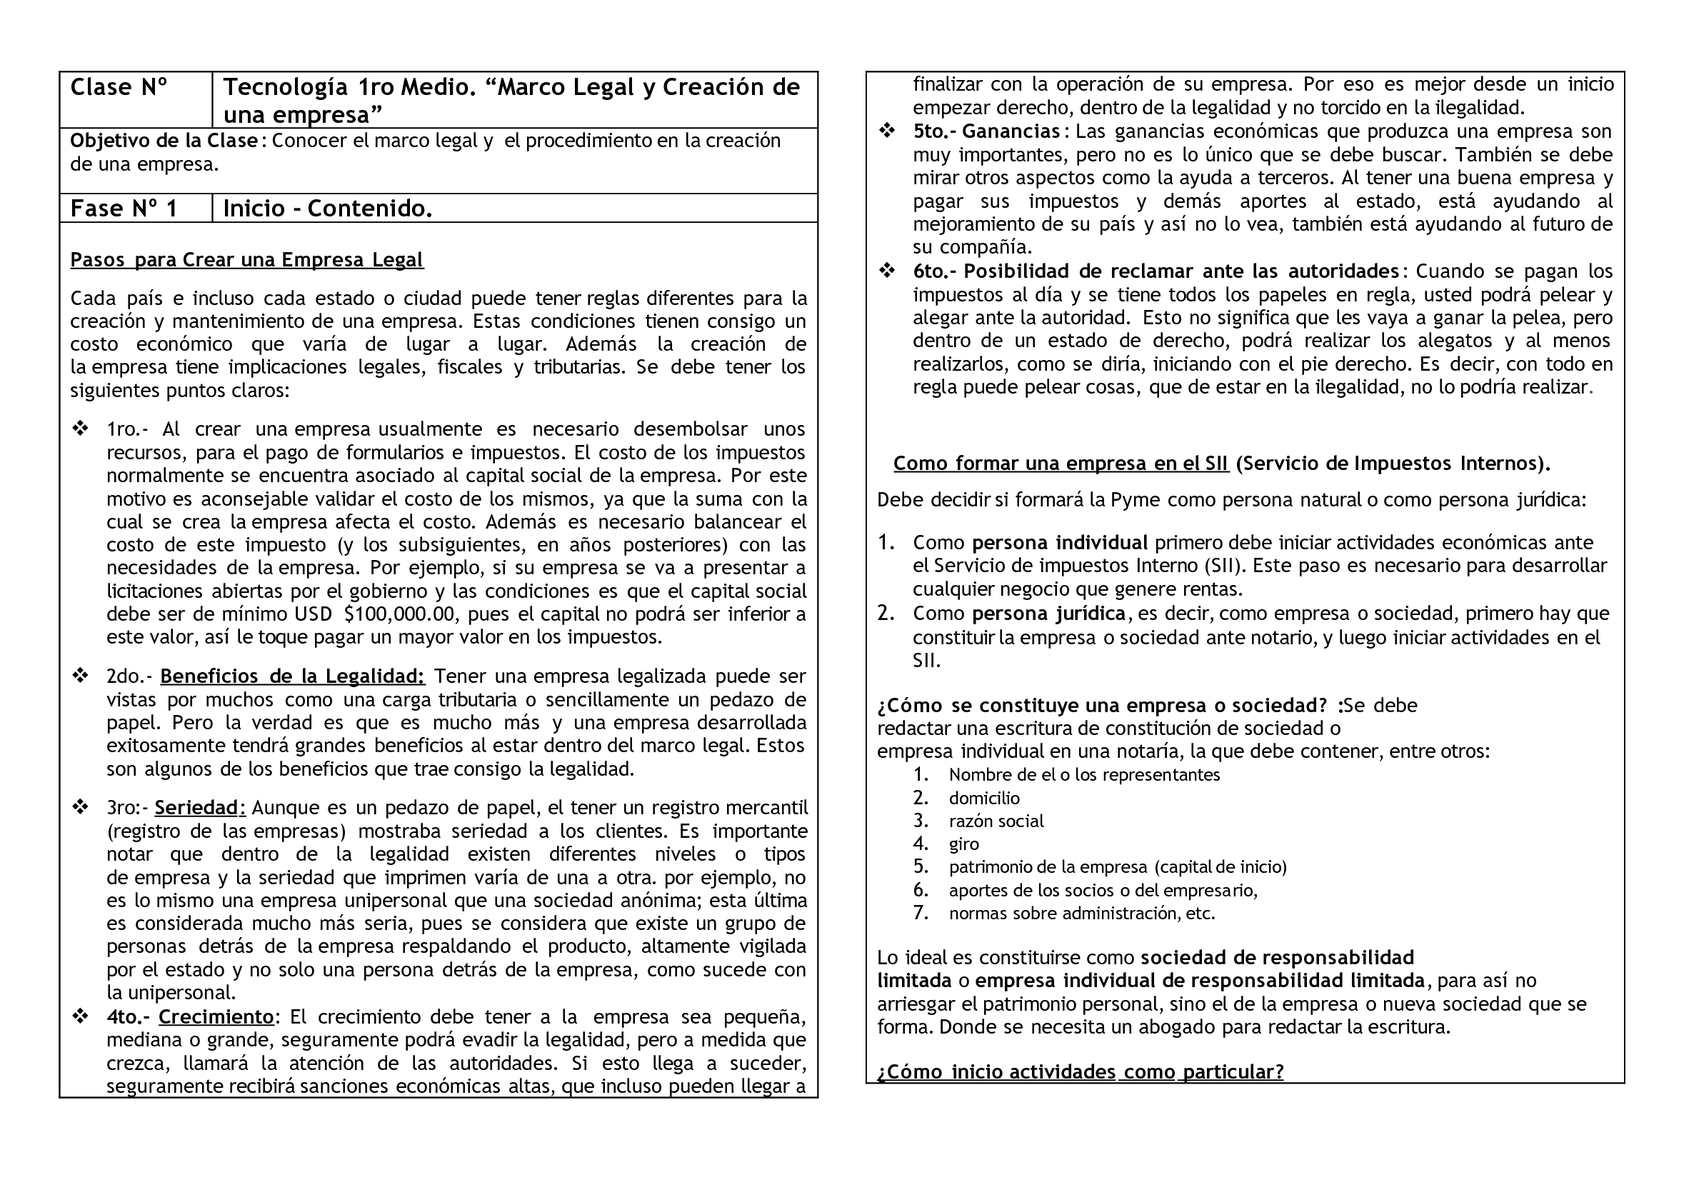 Calaméo Marco Legal Y Creacion De Una Empresa